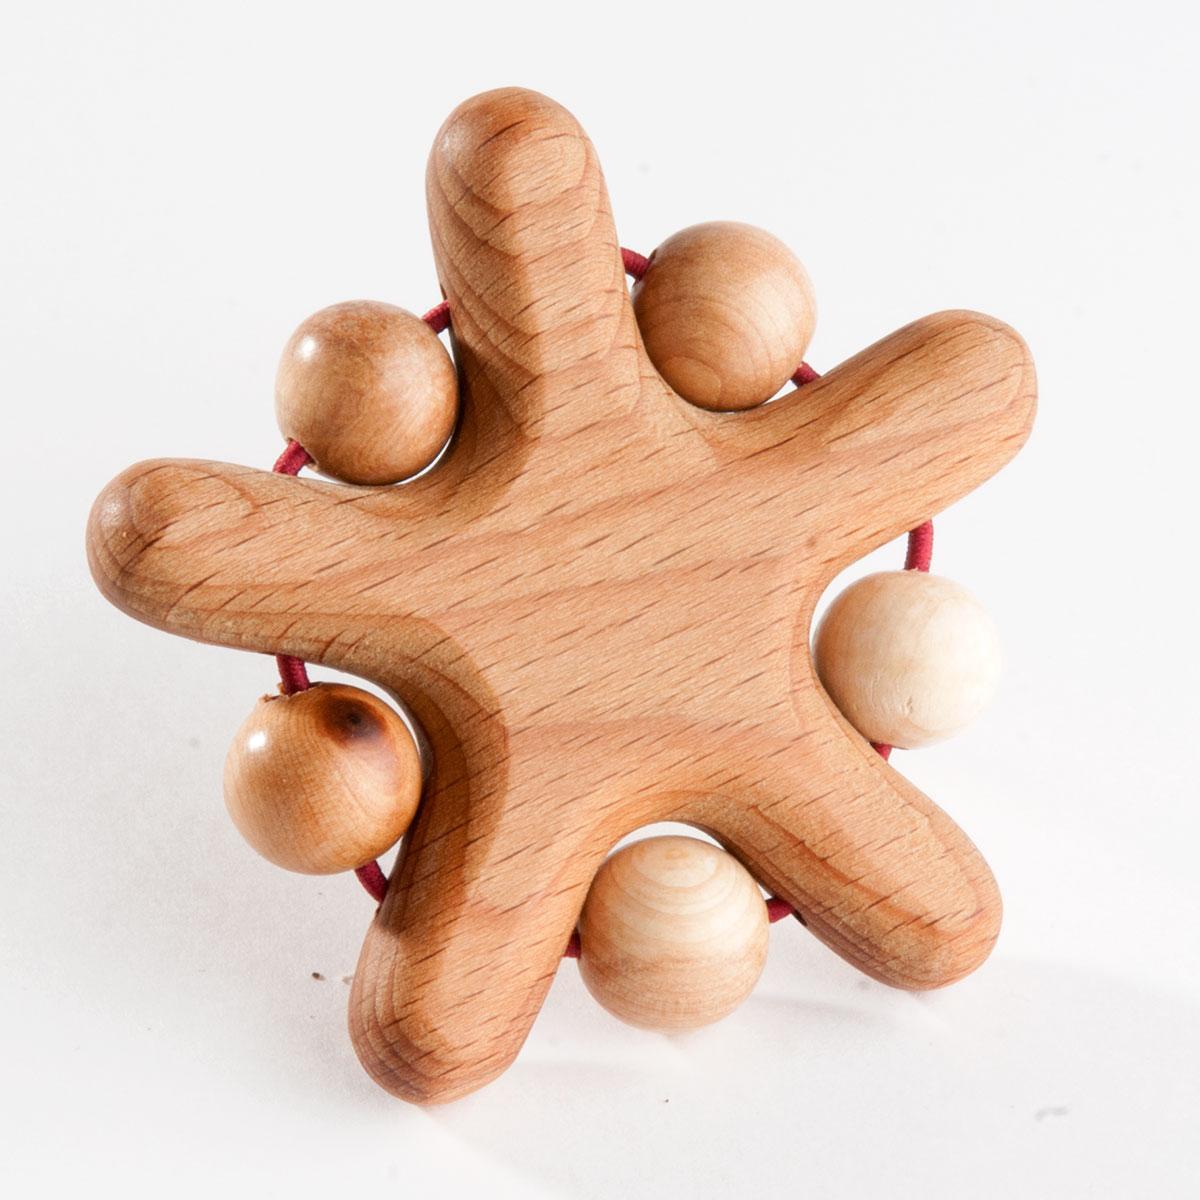 Сбор заказов. Леснушки - уникальные деревянные игрушки для наших деток. Грызунки. Погремушки. Пирамидки. Шнуровки